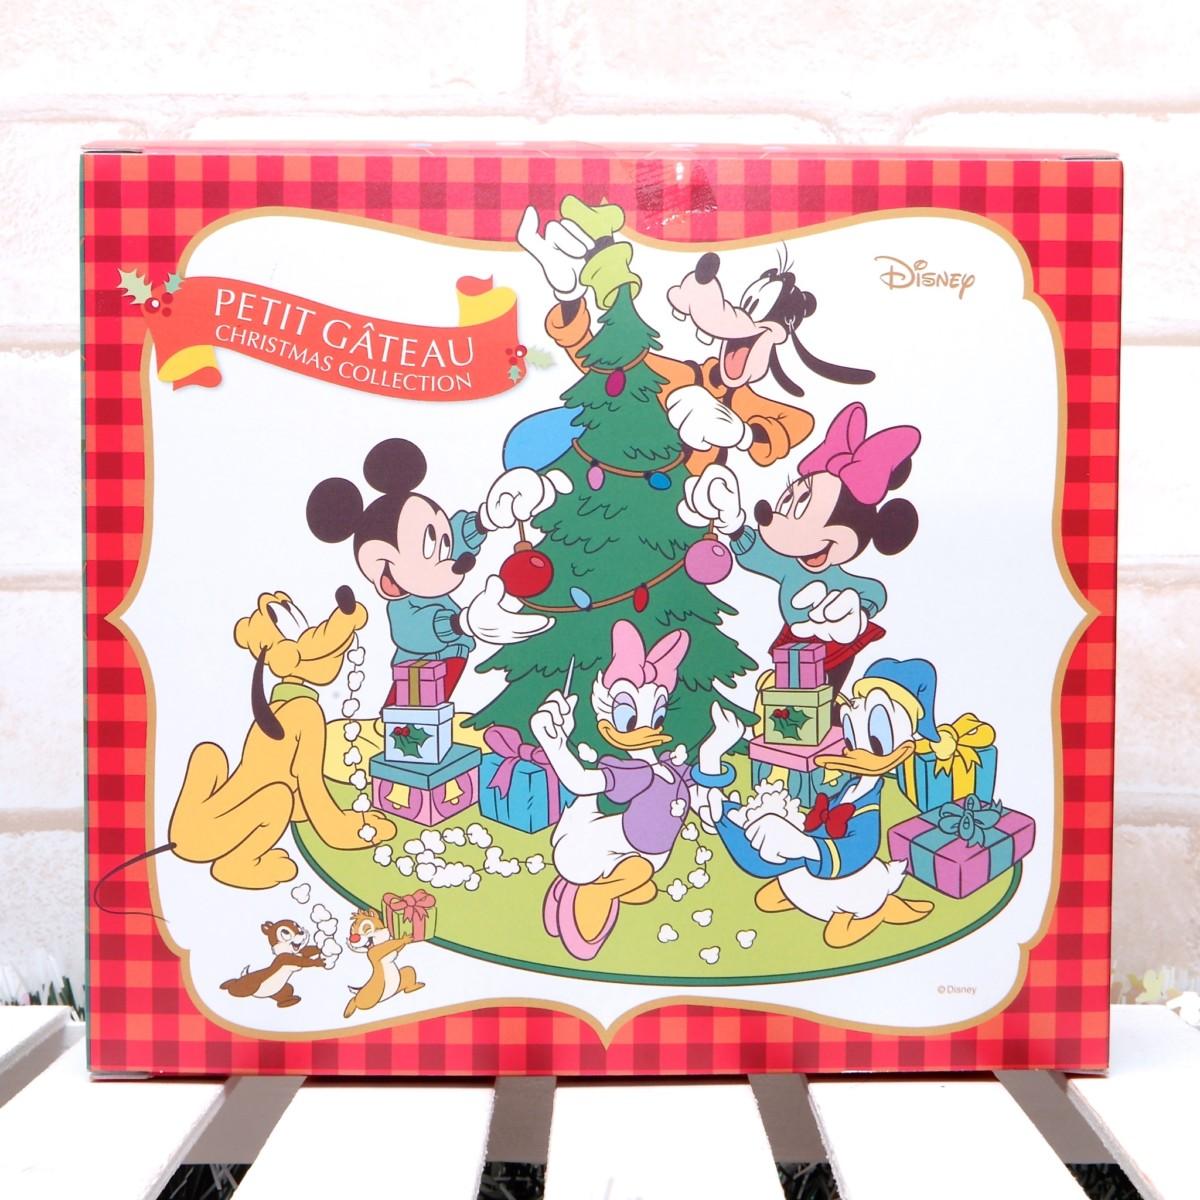 銀座コージーコーナー<ディズニー>クリスマスコレクション(9個入) パッケージ